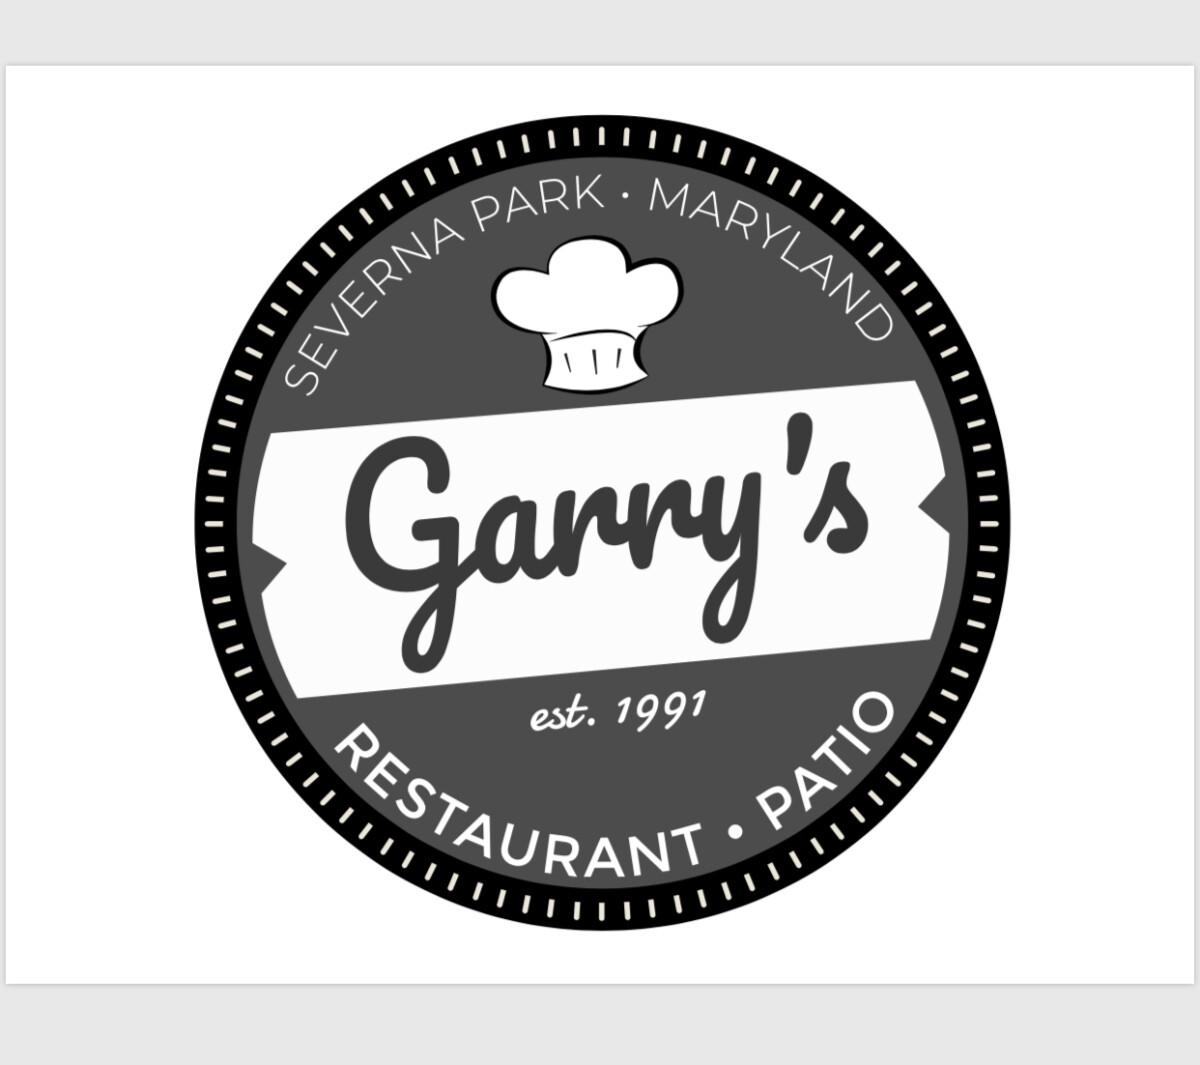 Garrys Grill